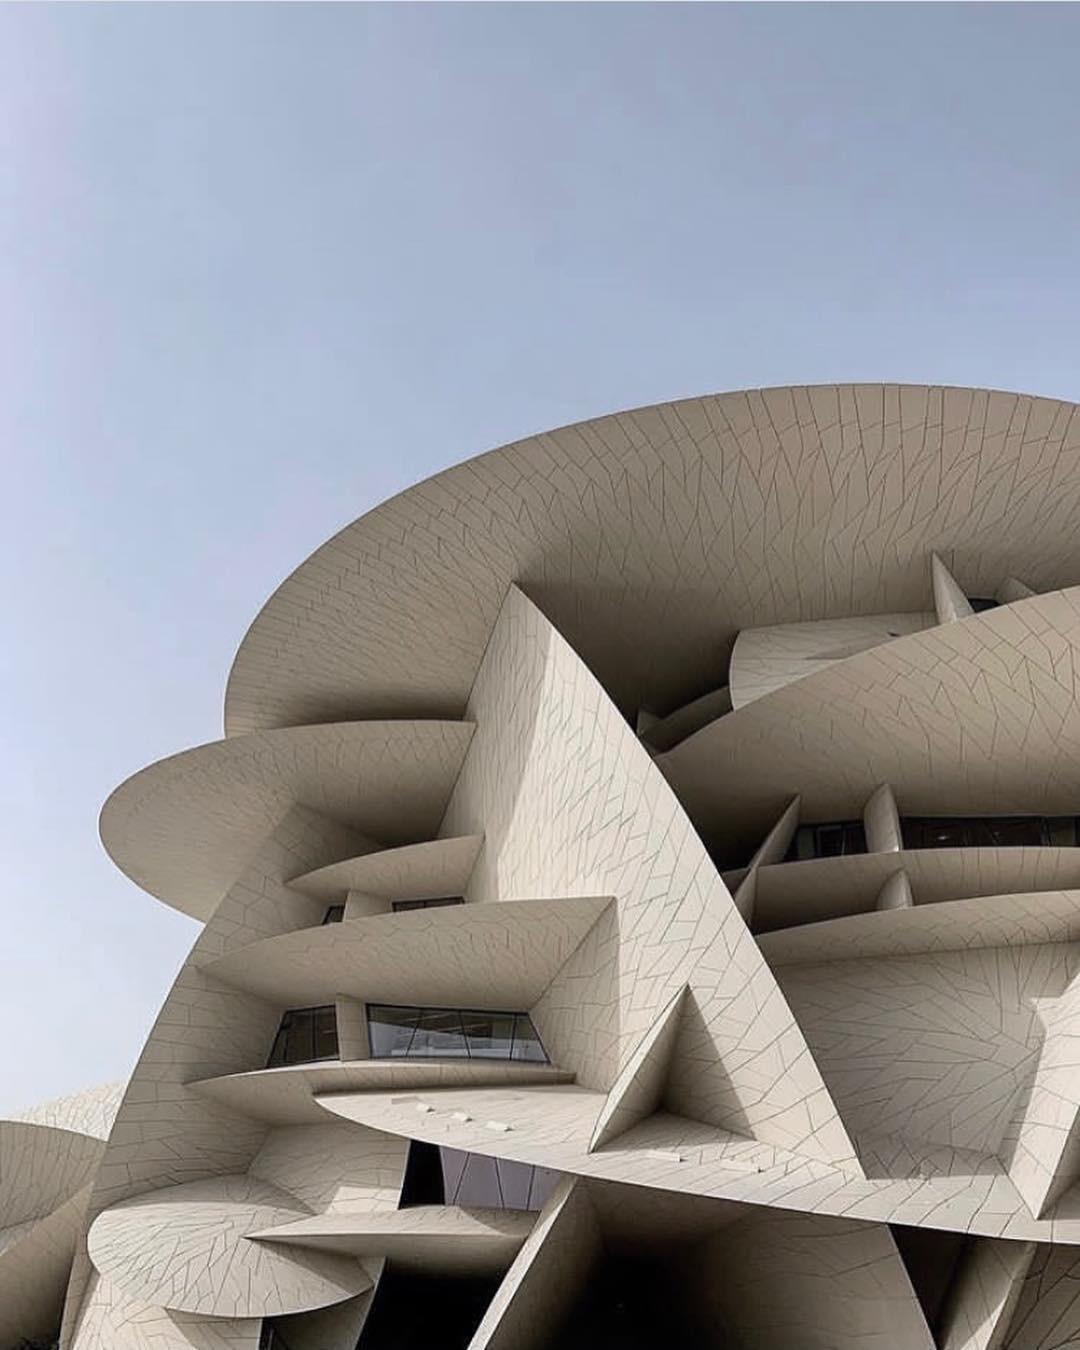 Conheça o novo Museu Nacional do Qatar que nasce como ícone arquitetônico (Foto: Divulgação)